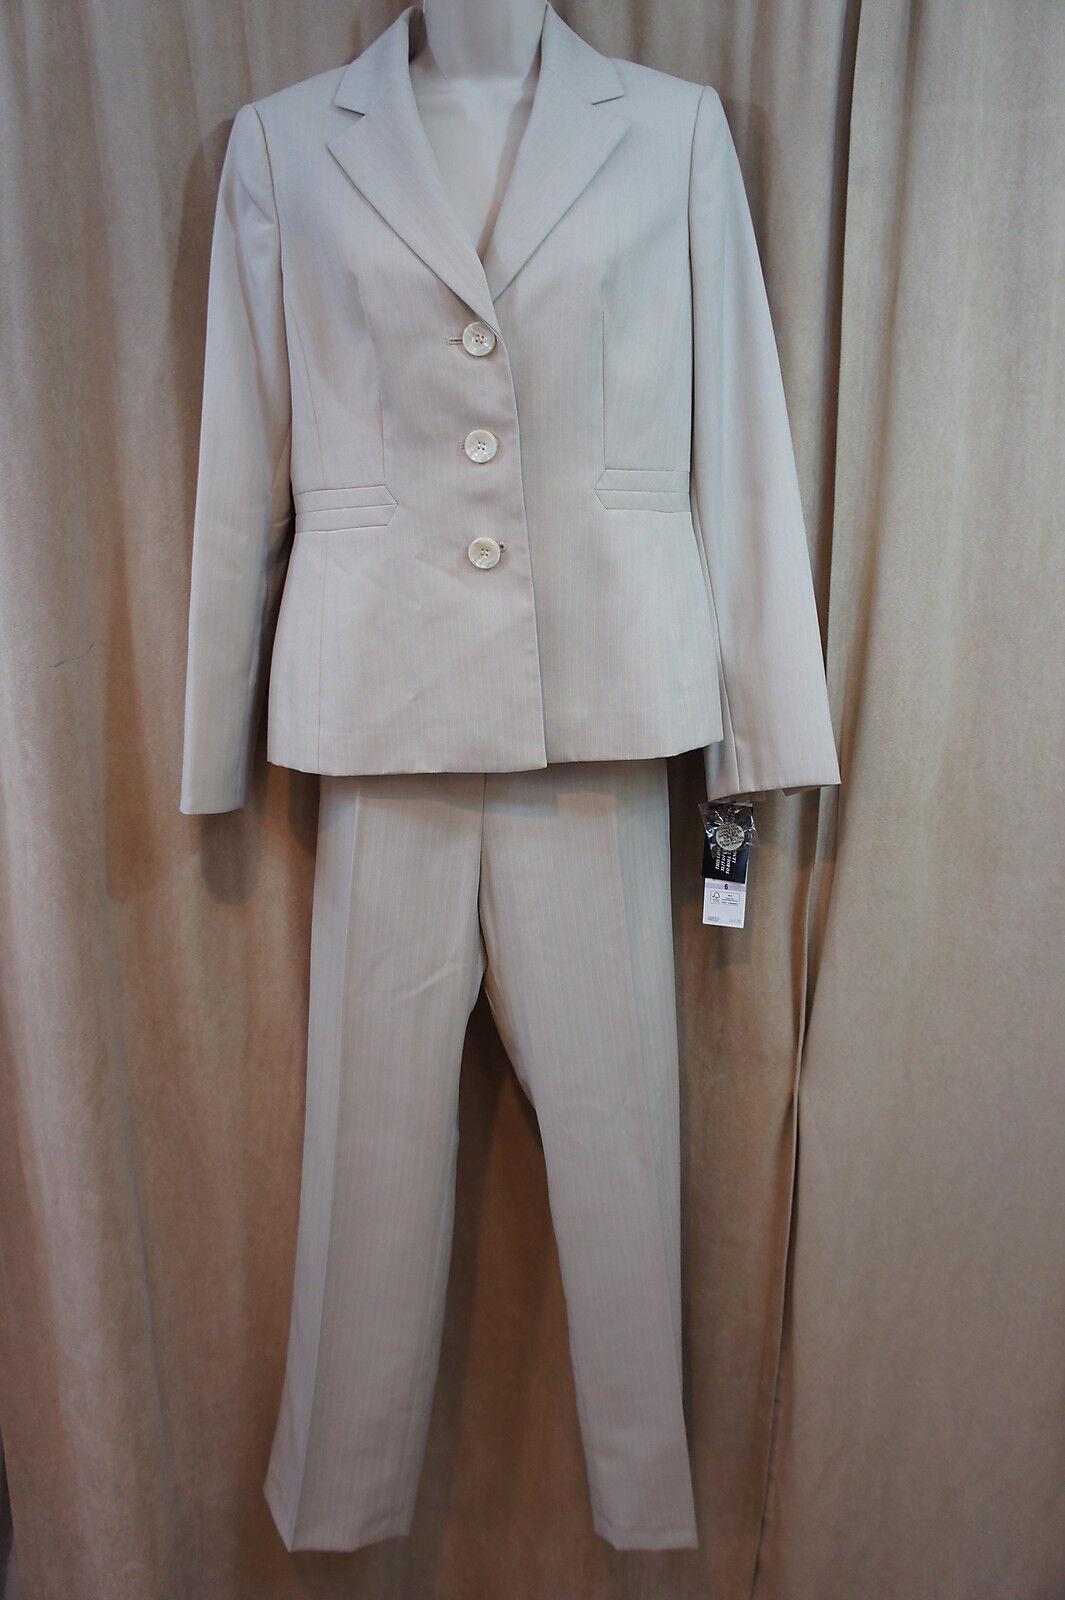 Evan Picone Pant Suit Sz 4 Almond Beige  Newport  Pin Striped Business Suit